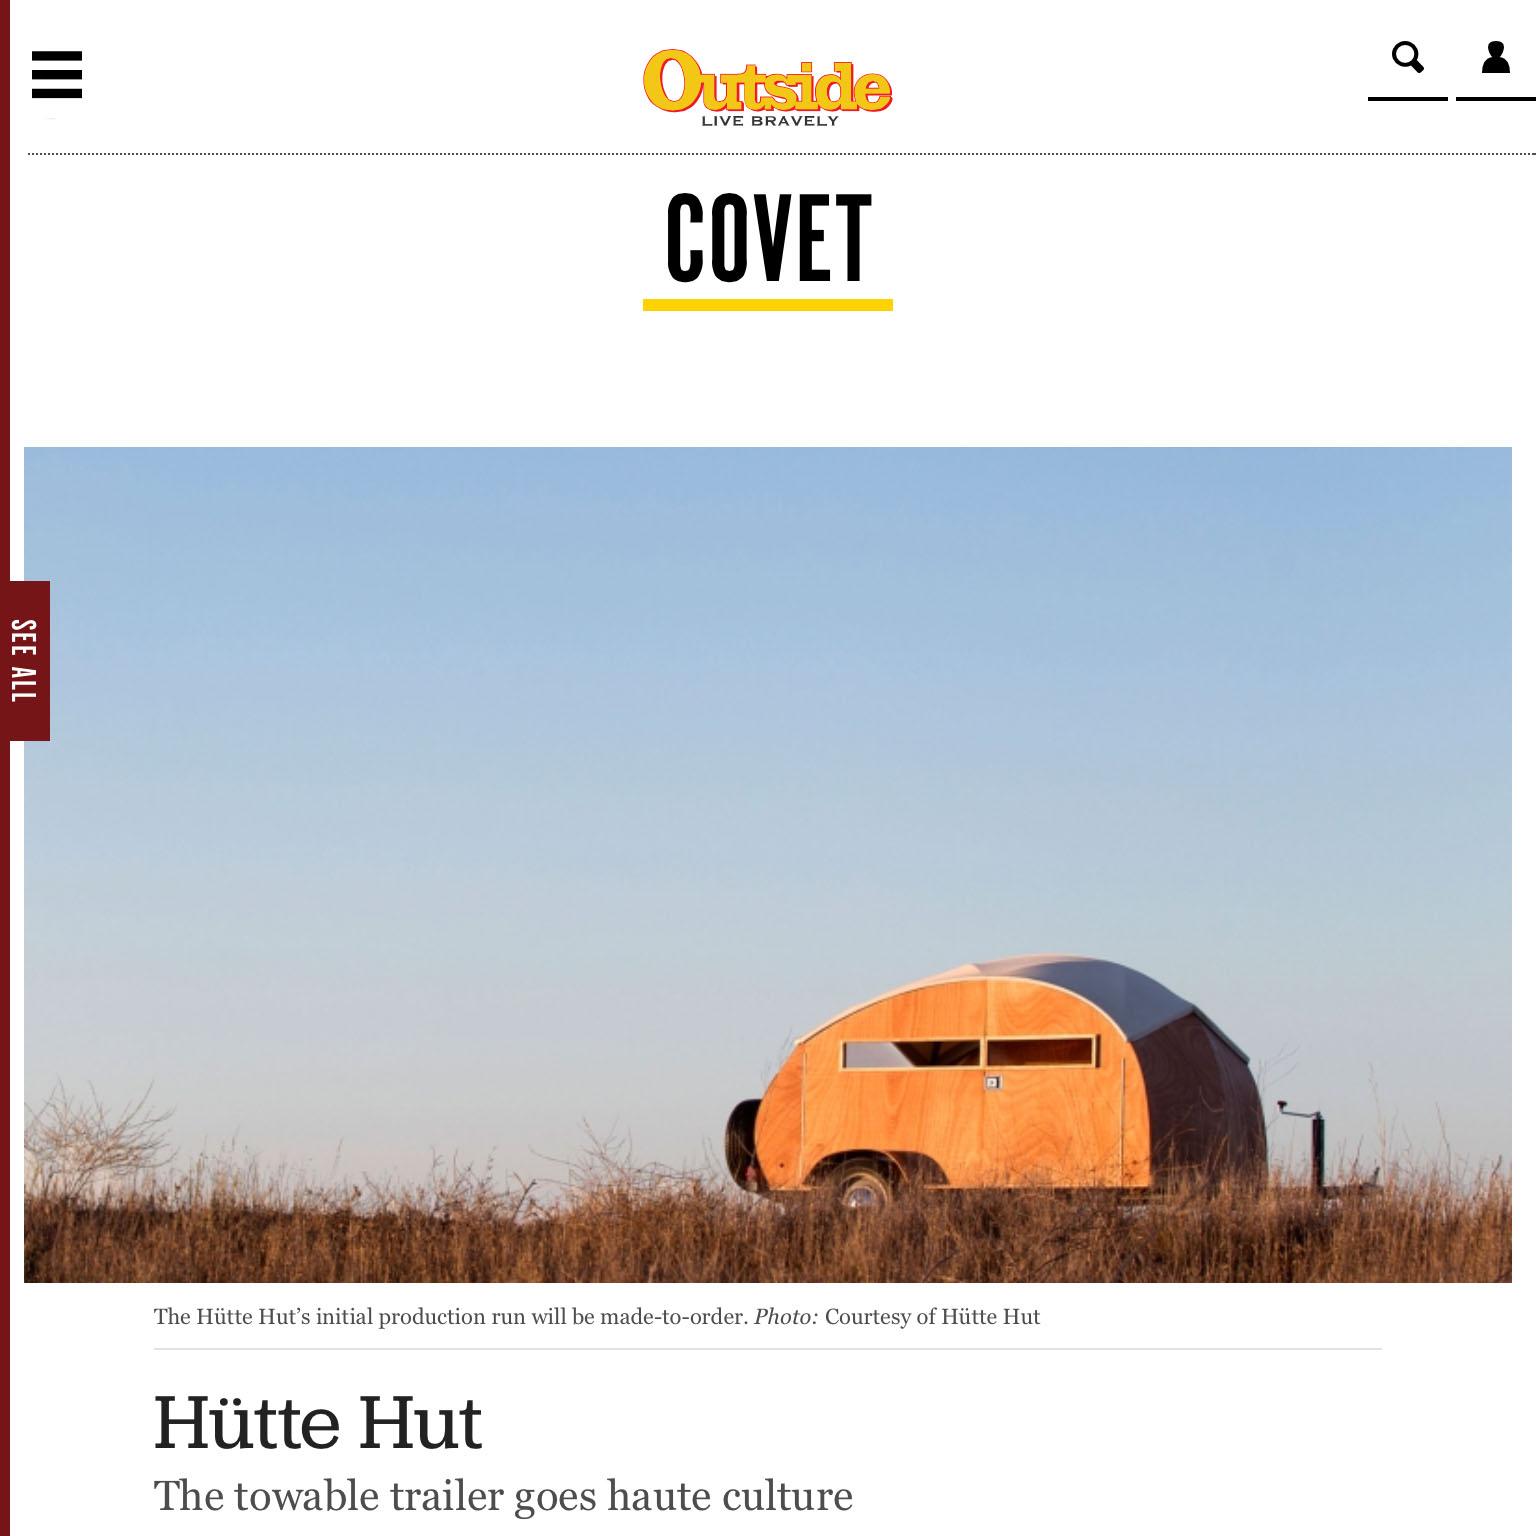 http://www.outsideonline.com/1988801/hutte-hut